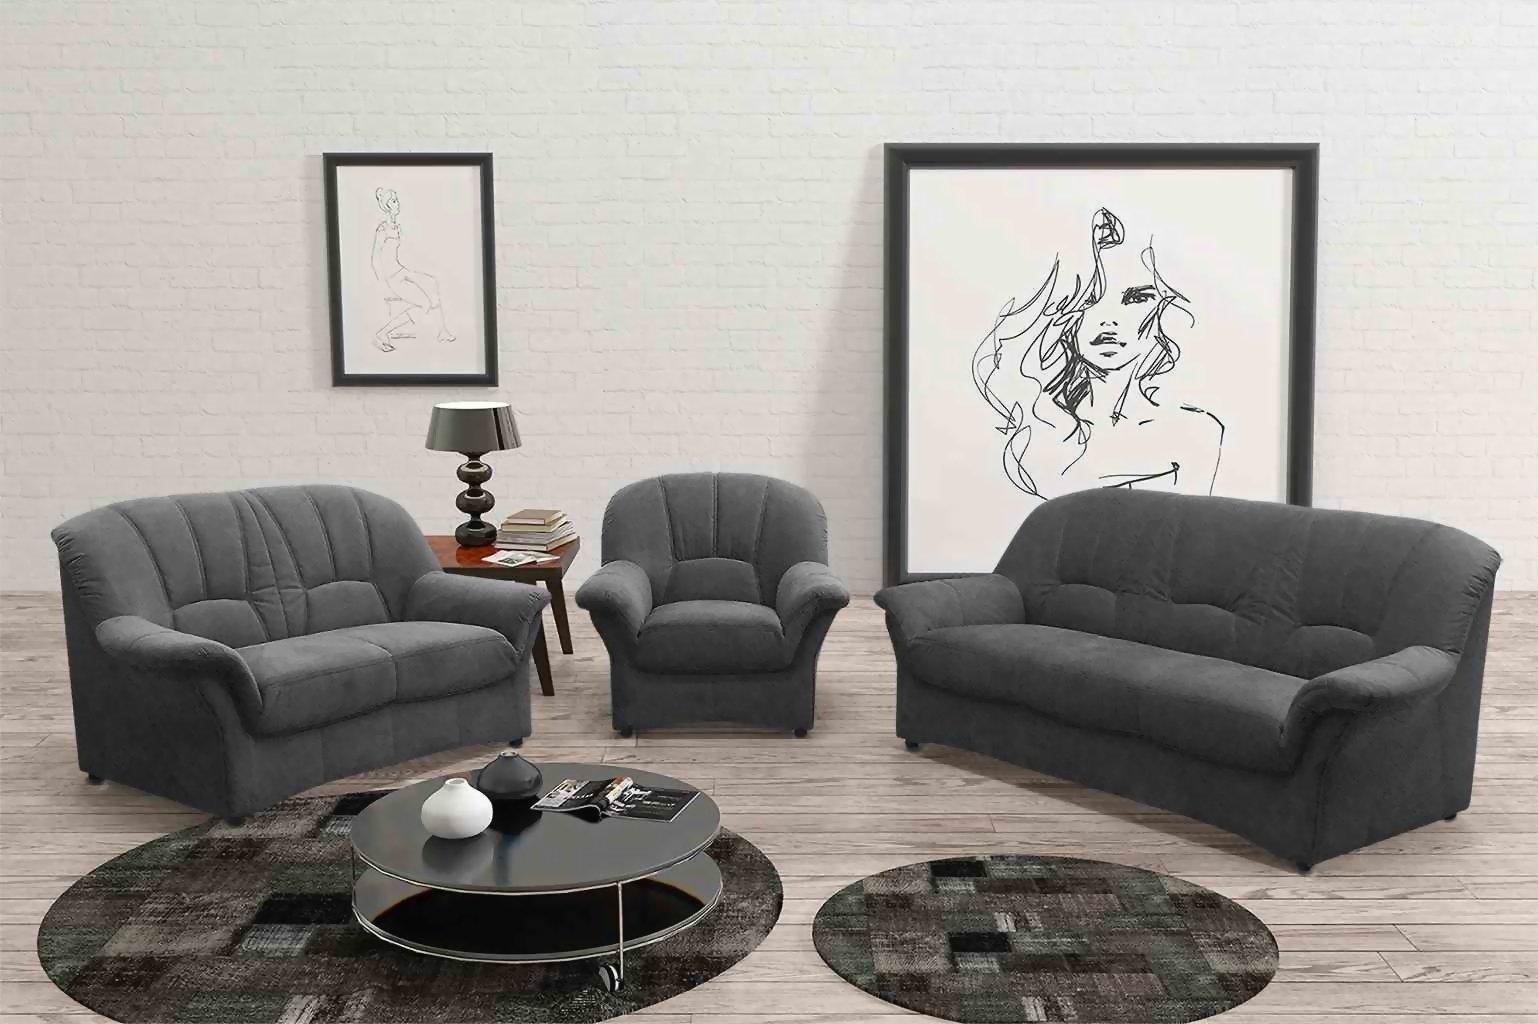 Full Size of Sofa Garnitur 3 Teilig Luxus Mit Recamiere 2 1 Sitzer Relaxfunktion Federkern Dreisitzer Für Esszimmer Kleines Wohnzimmer Big Xxl Leder Led Sofa Sofa Garnitur 3 Teilig